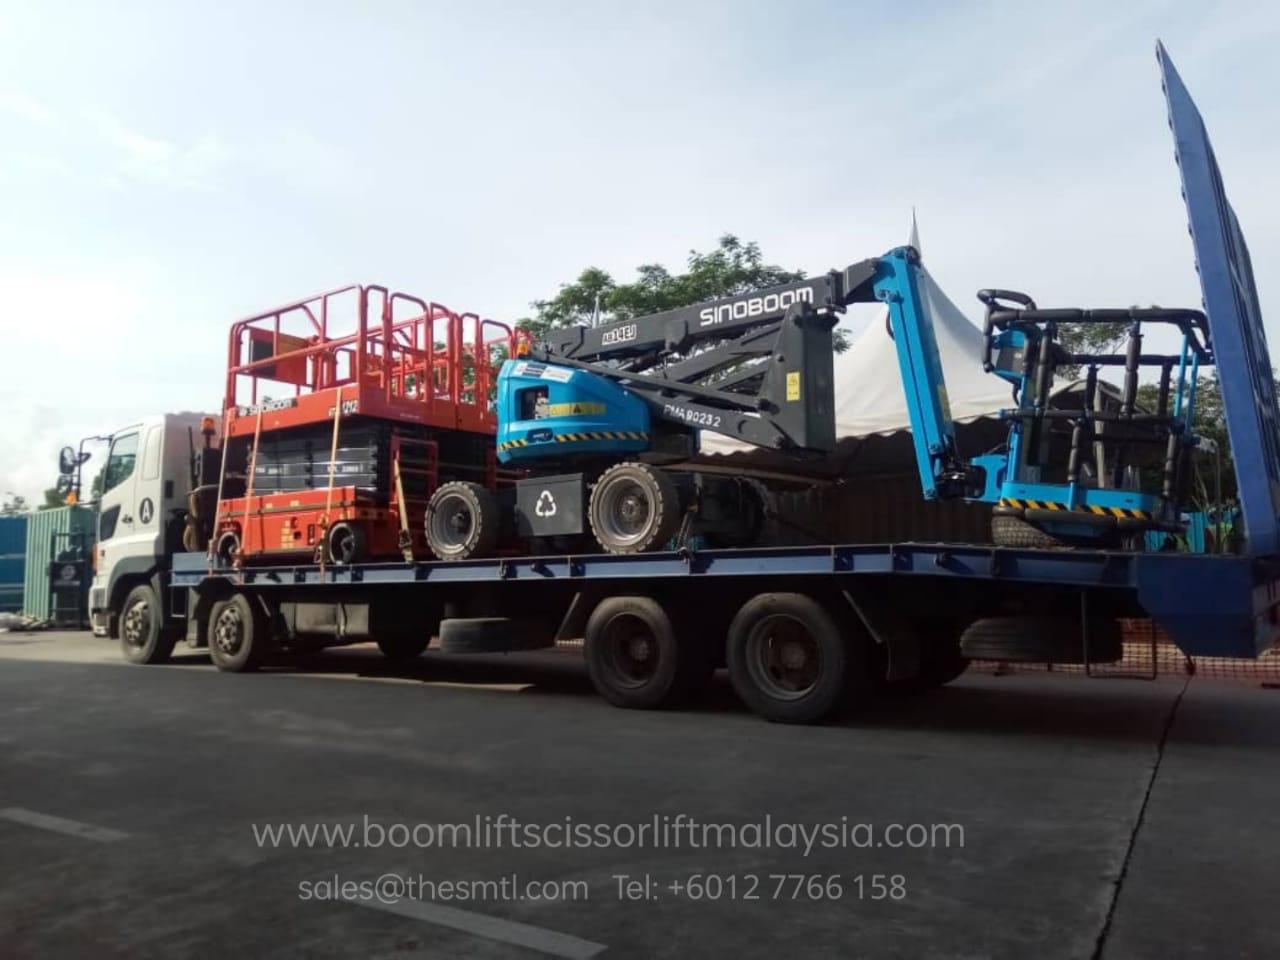 Boom Lift Rental USJ 11